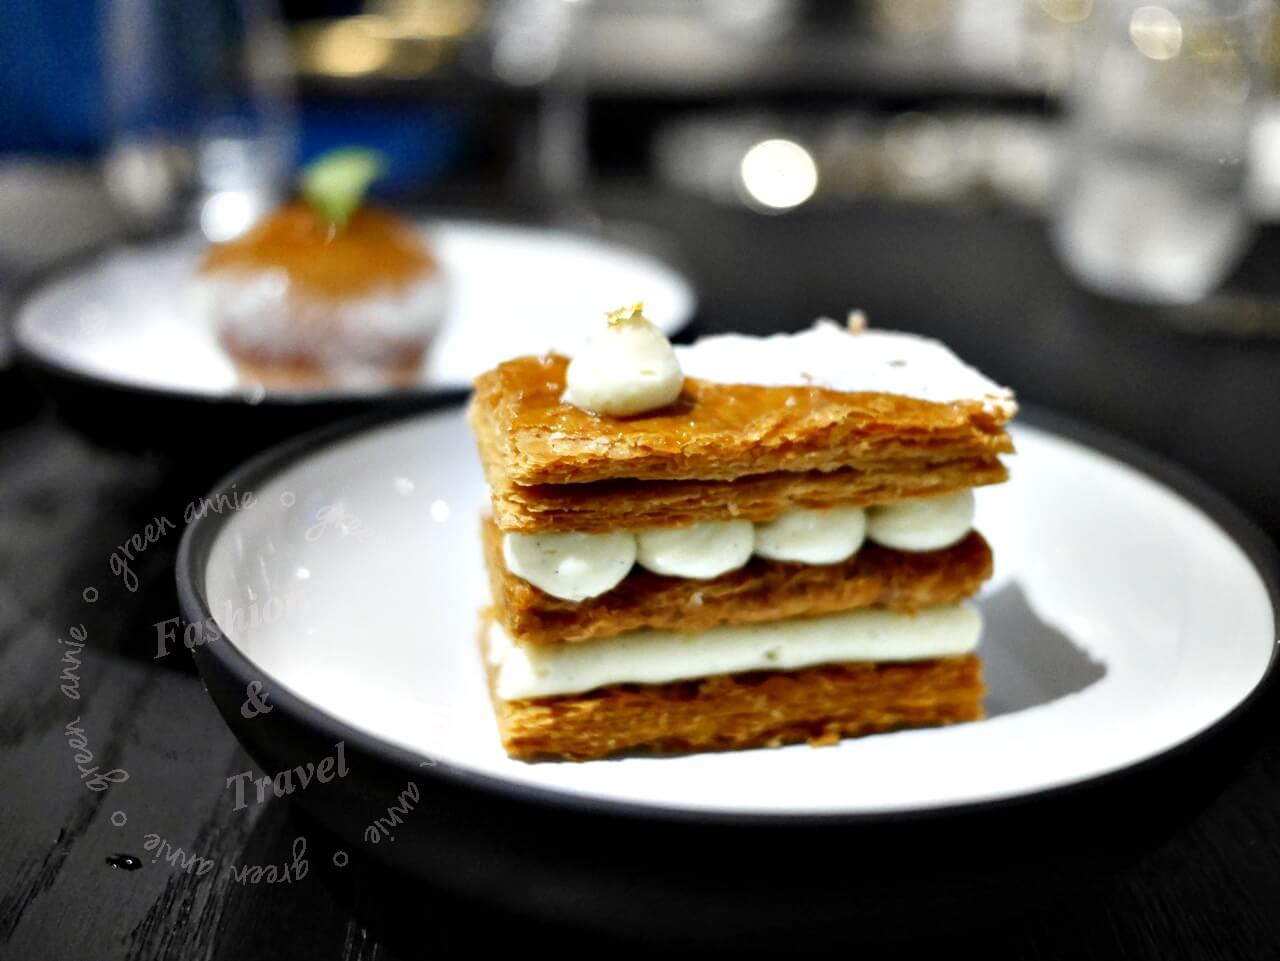 東區美食,Stagiaire 實習生,除了超好吃的甜點外,現在晚餐時間也有創意法式料理(停業)